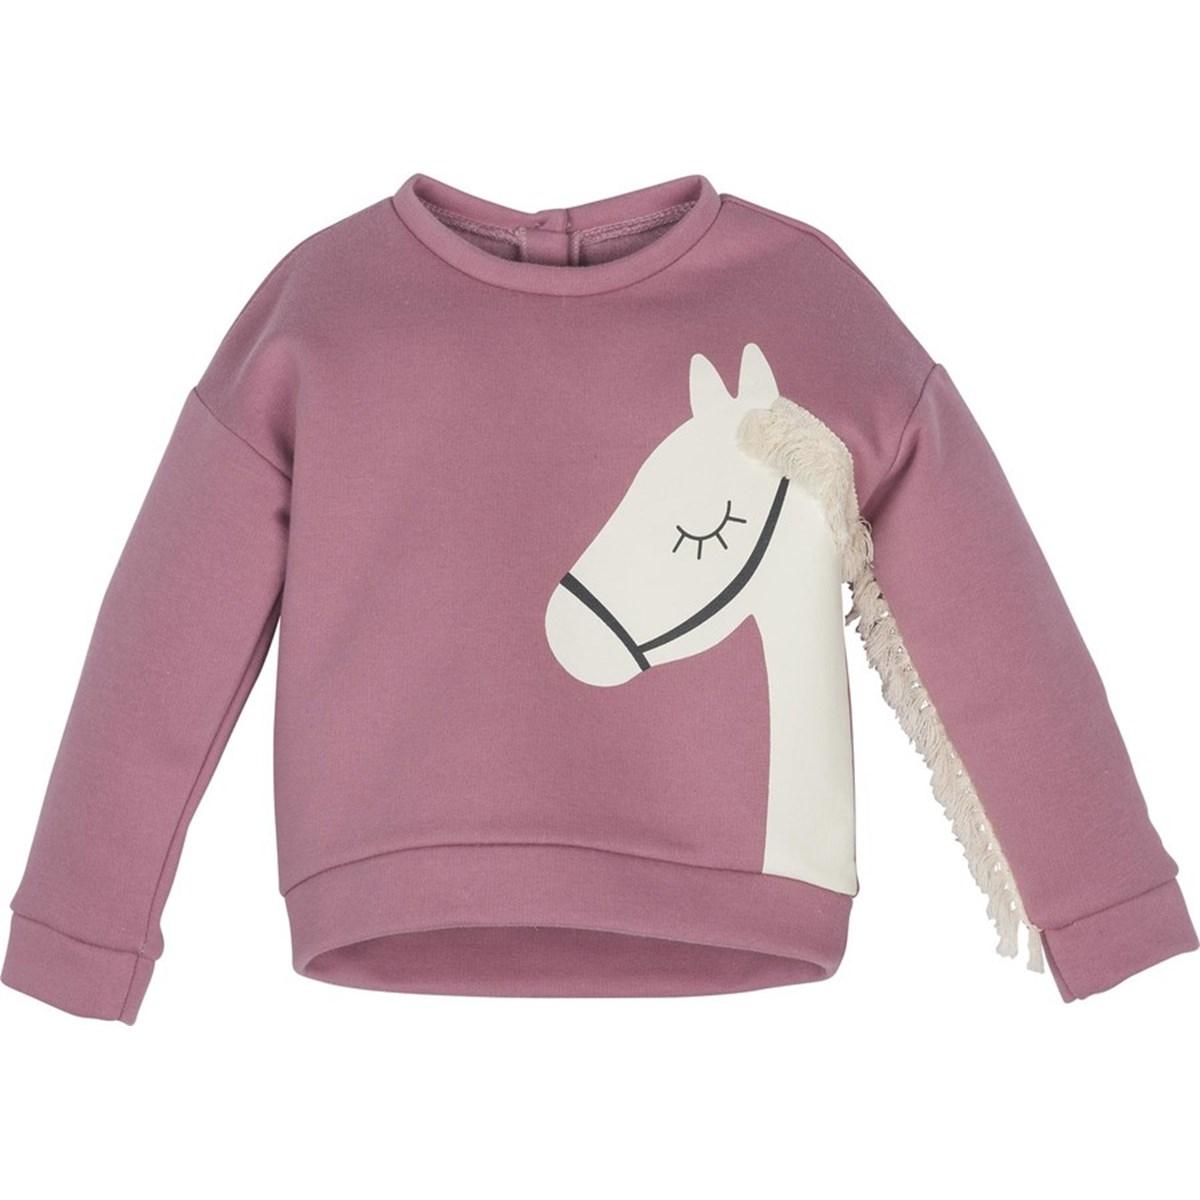 12447 Sweatshirt 1